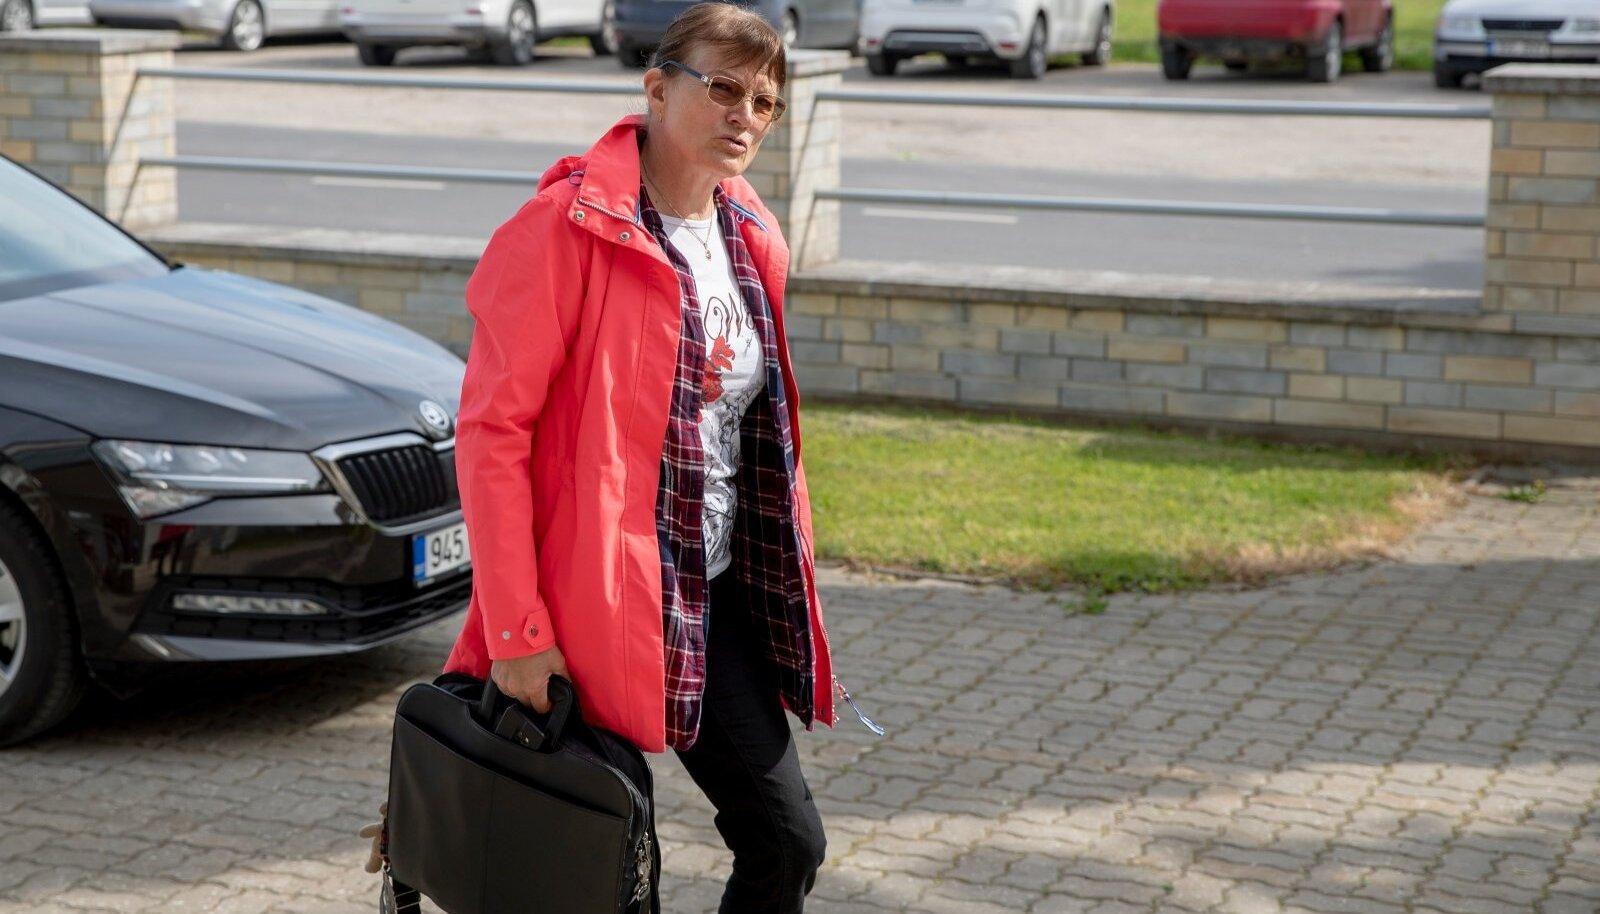 Malle Kobina kohtuprotsess sai alguse 2020. aasta veebruaris, kui prokuratuur saatis tema kohta kohtusse süüdistuse viie alaealise kasulapse kehalises väärkohtlemises ja neilt vabaduse võtmises.